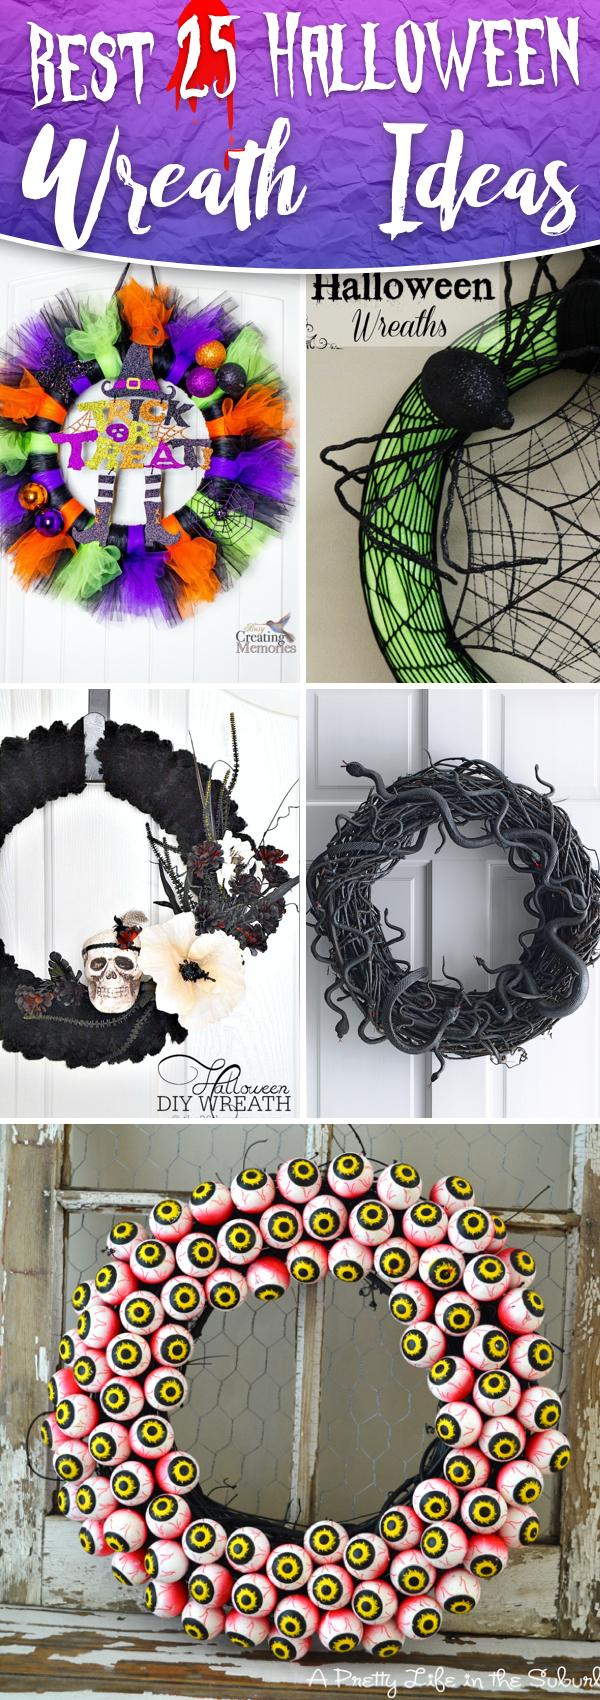 Top 25 Halloween Wreath Ideas for 2017